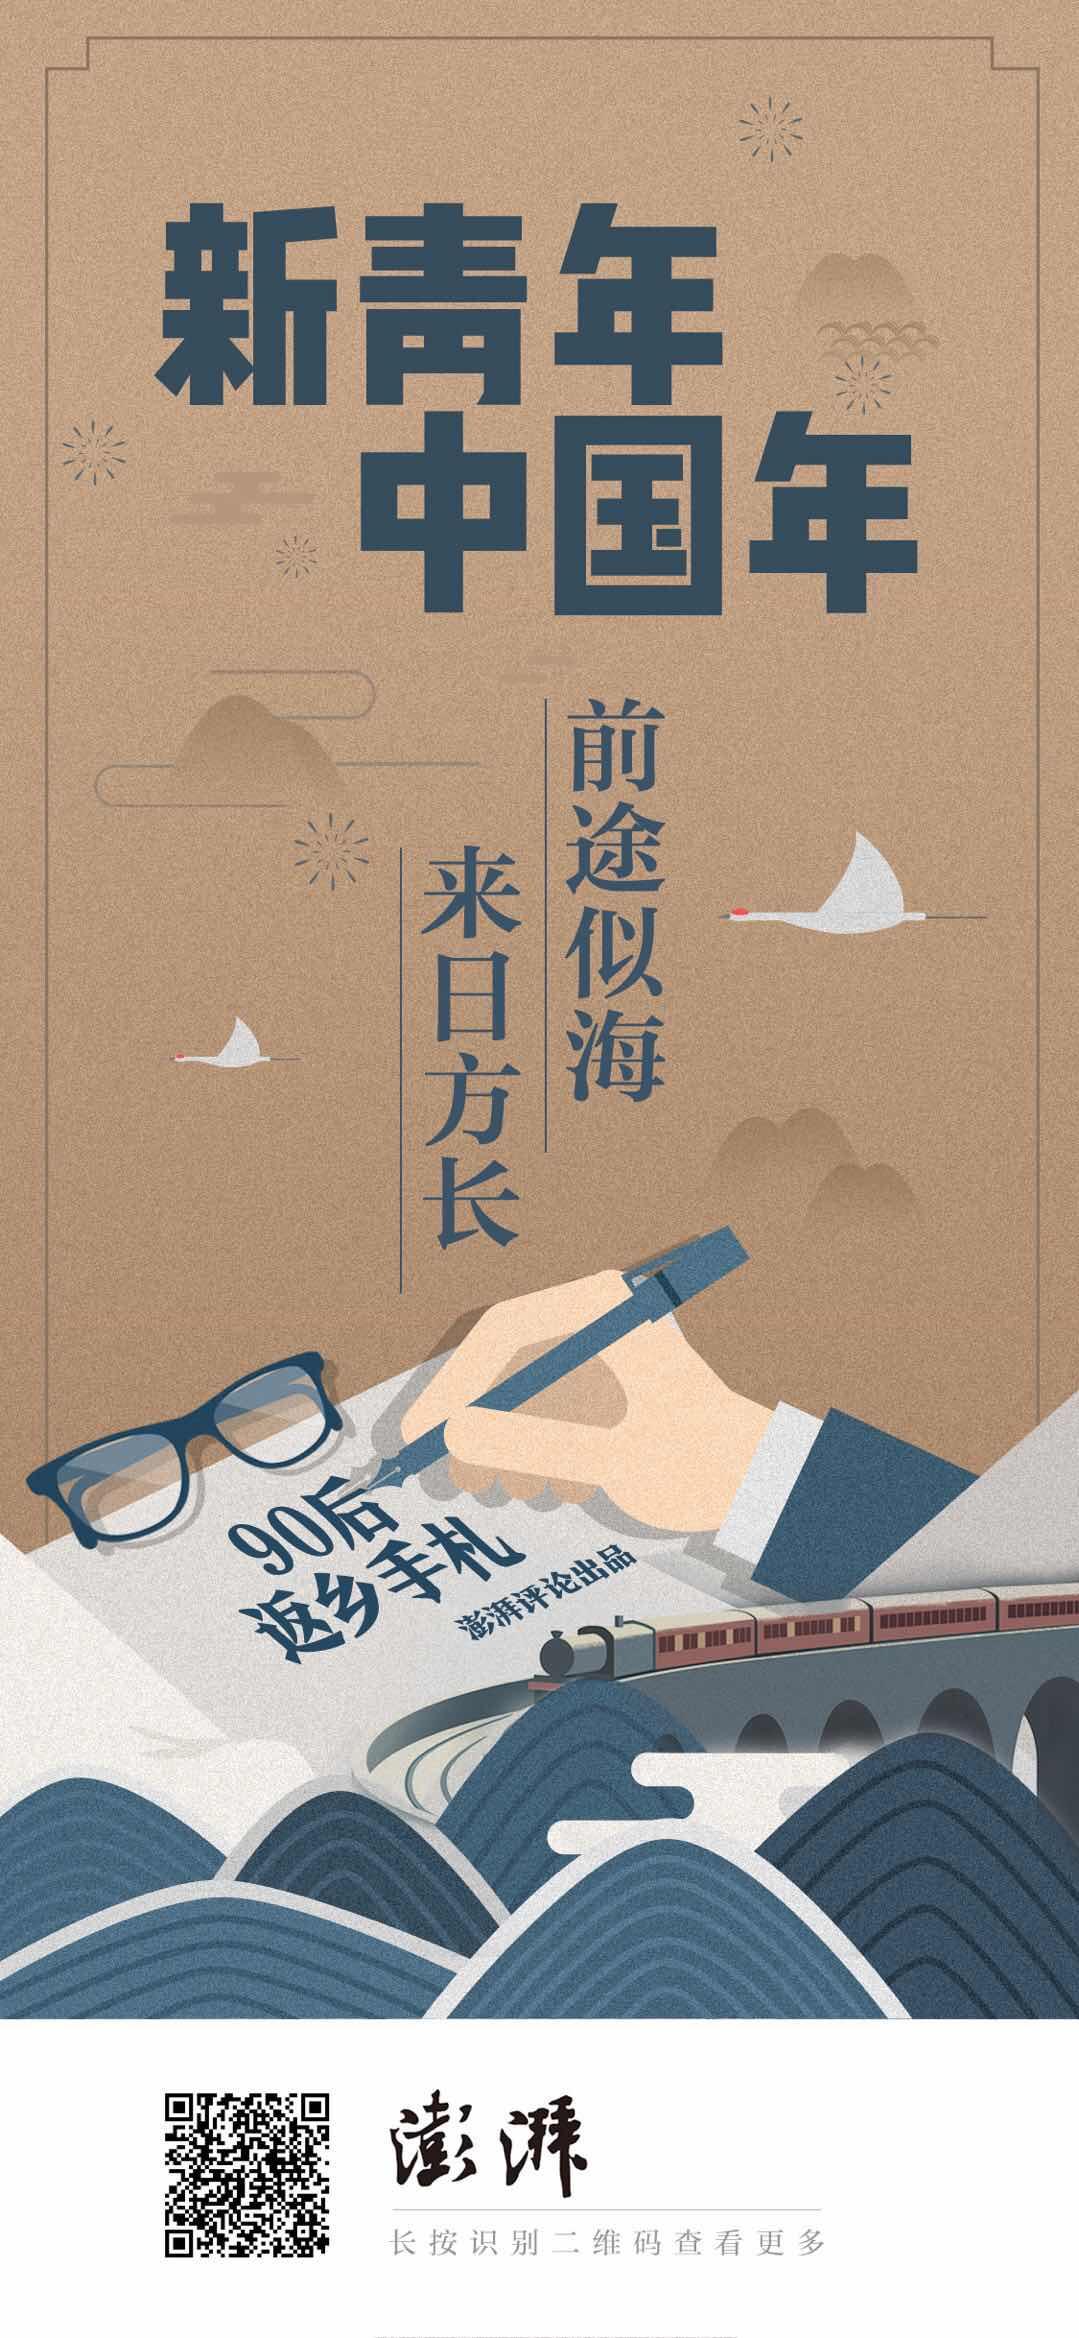 新青年·中国年|工作后的第一个春节,对家乡有了更多依恋